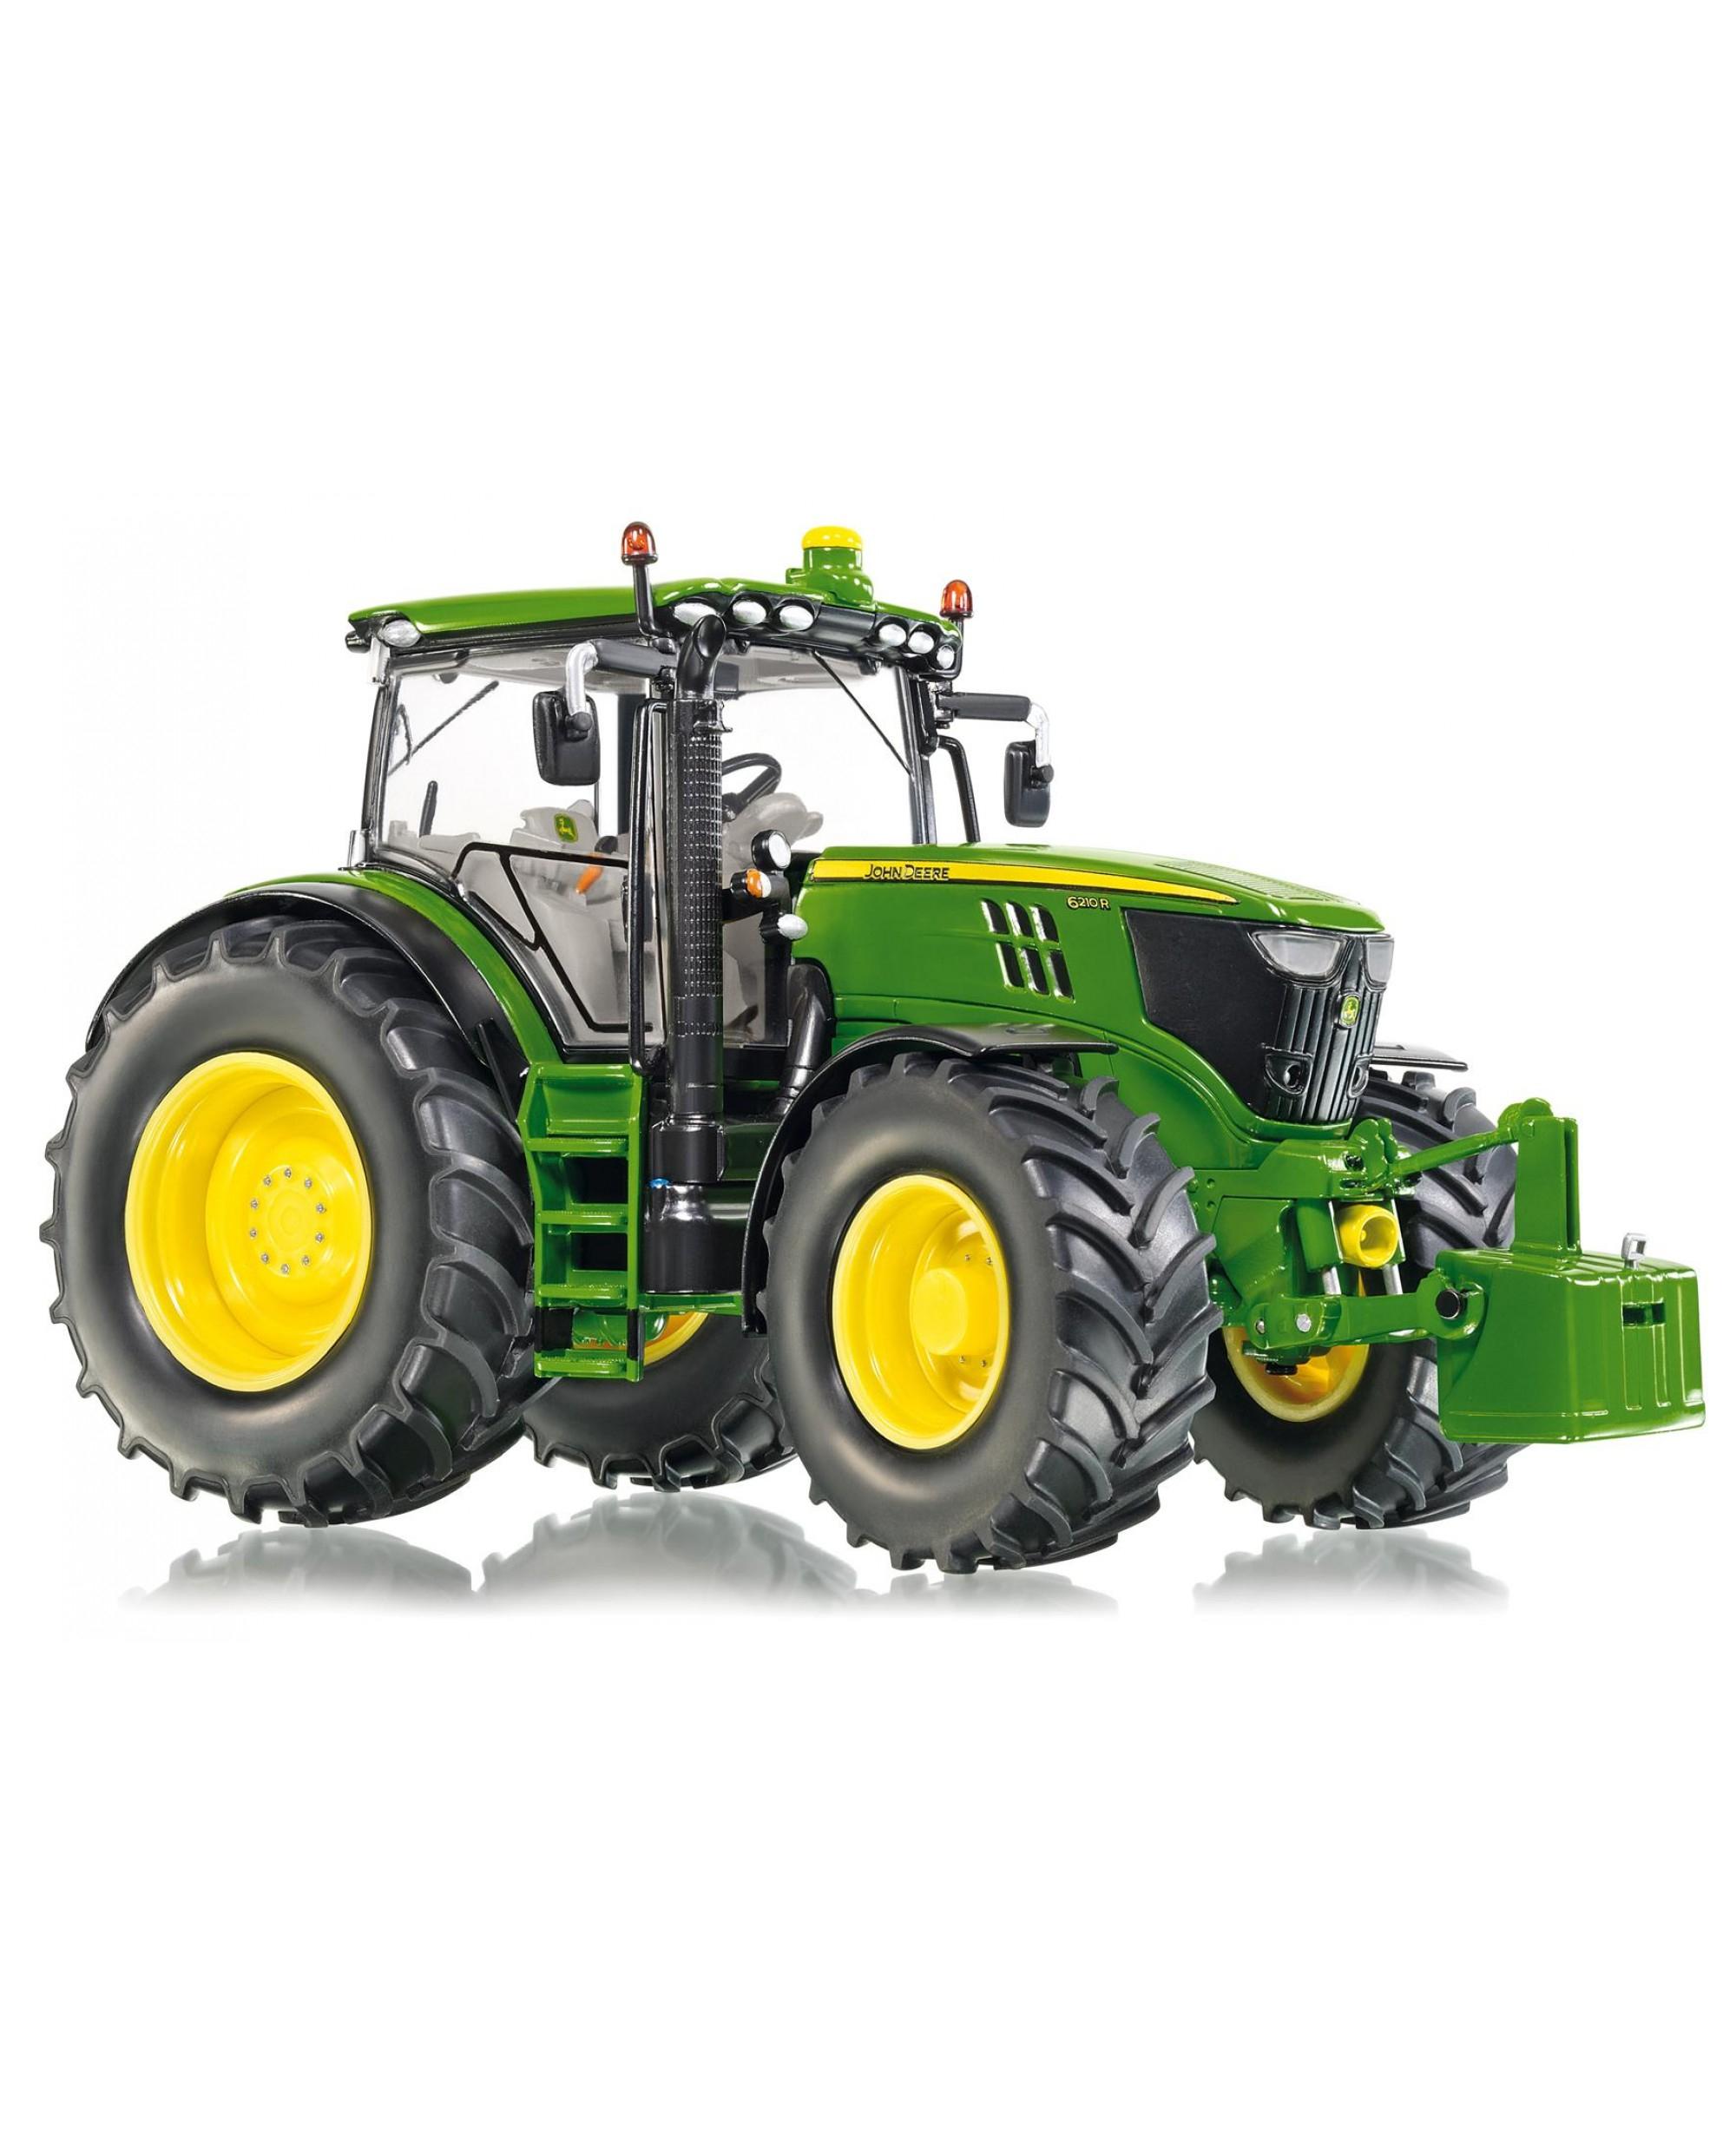 Tracteur John Deere 6210 R Équipé Du Relevage Avant Avec Masse intérieur Dessin Animé De Tracteur John Deere